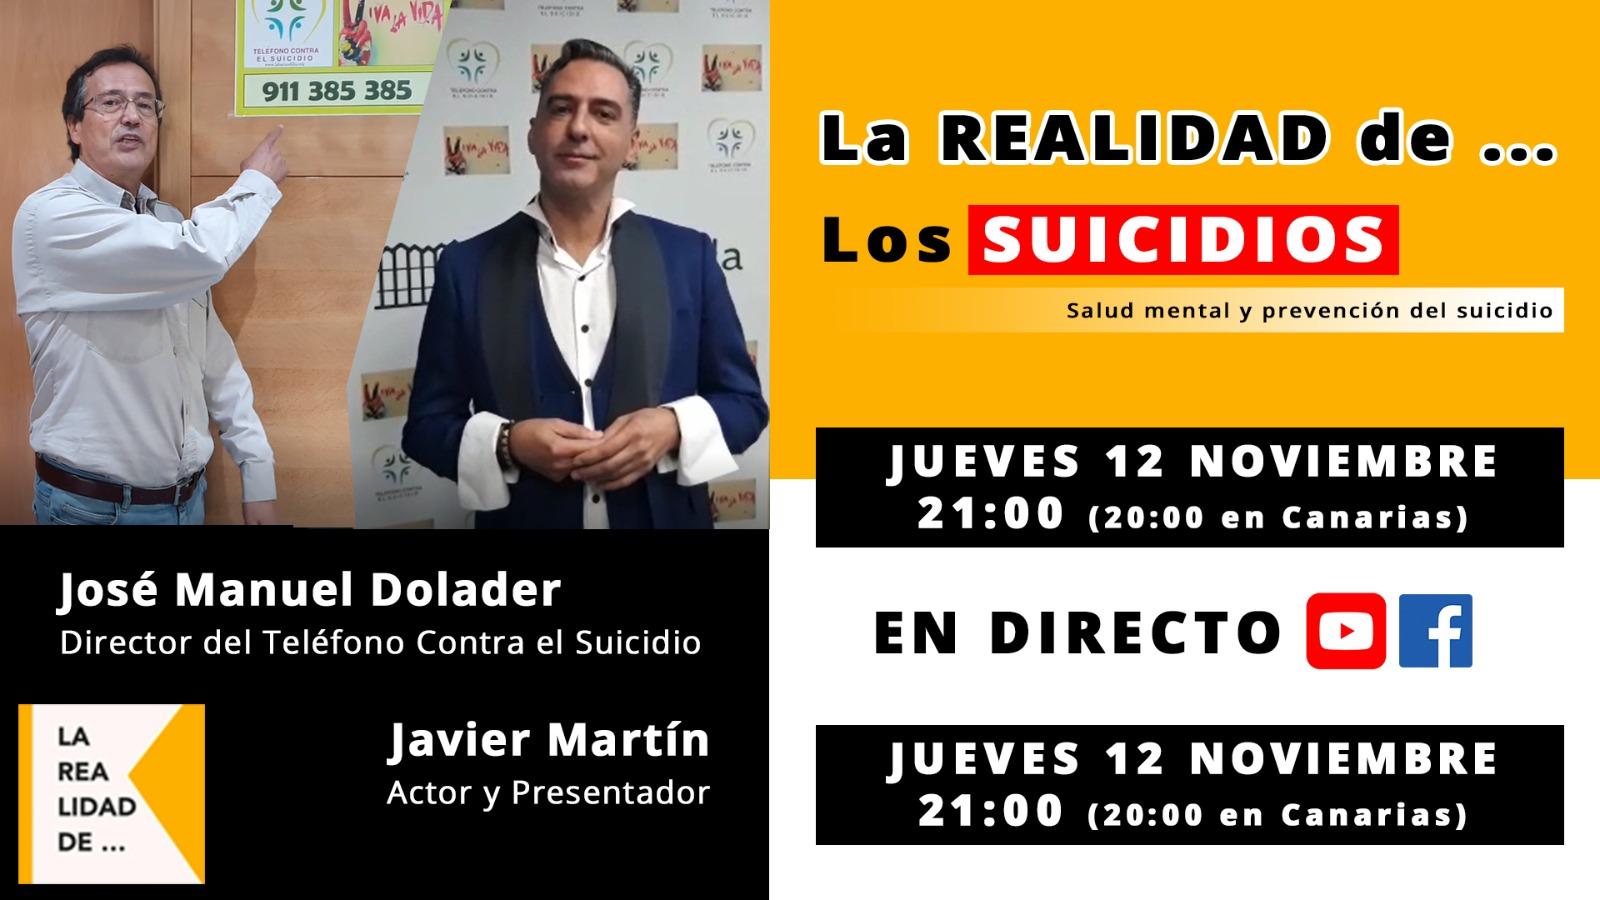 La Realidad de - Especial suicidios